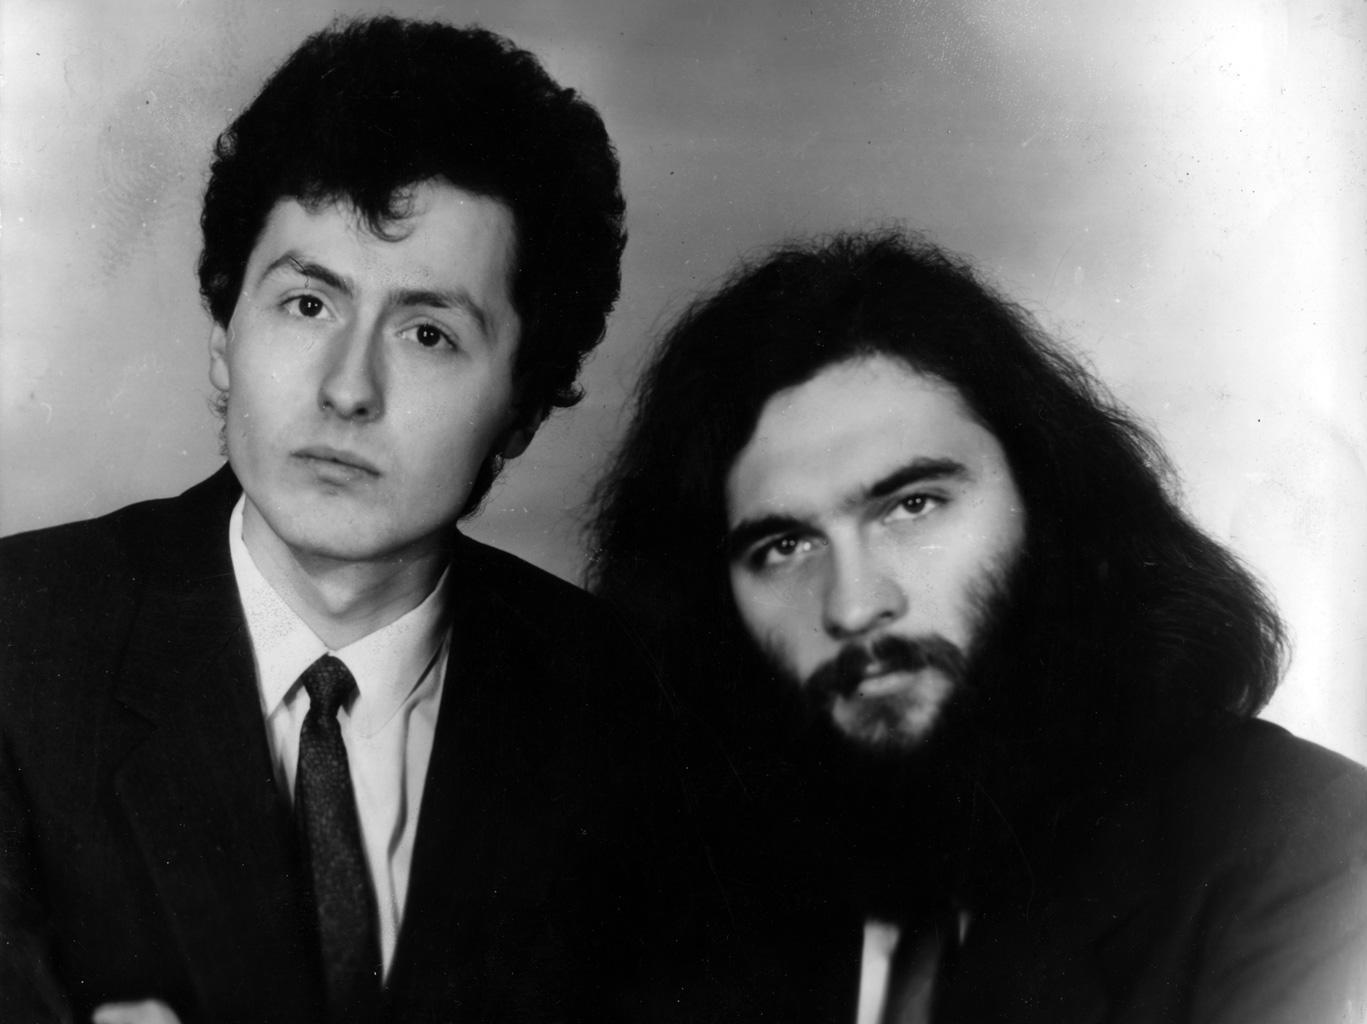 Алексей Зарахович и Дмитрий Бураго. Фото с афиши поэтического вечера в Доме учителя. 1988